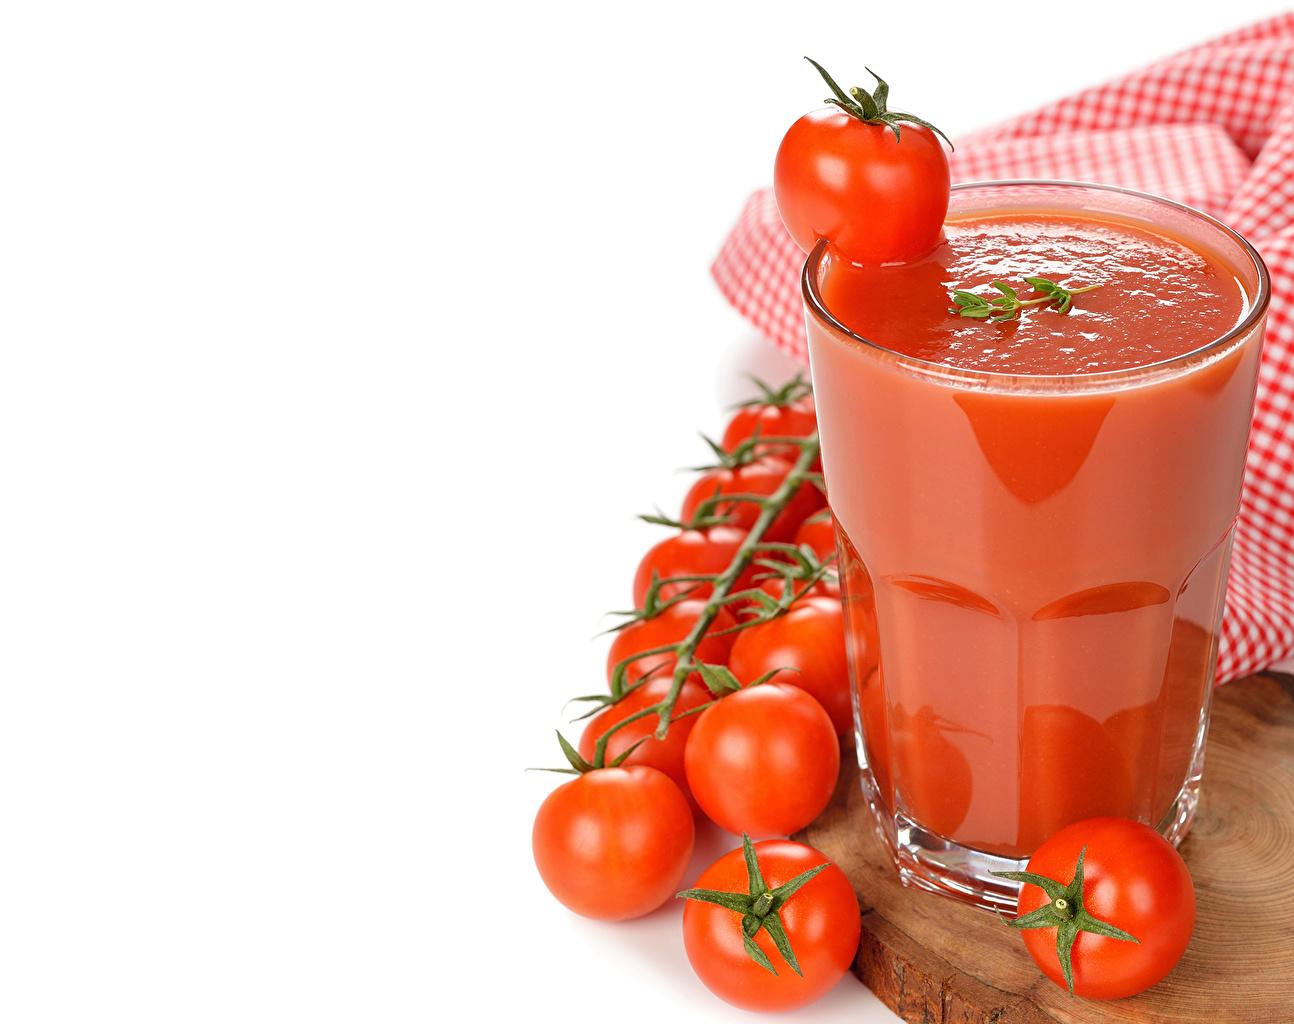 Обои для рабочего стола Сок Томаты стакана Продукты питания Напитки Помидоры Стакан стакане Еда Пища напиток